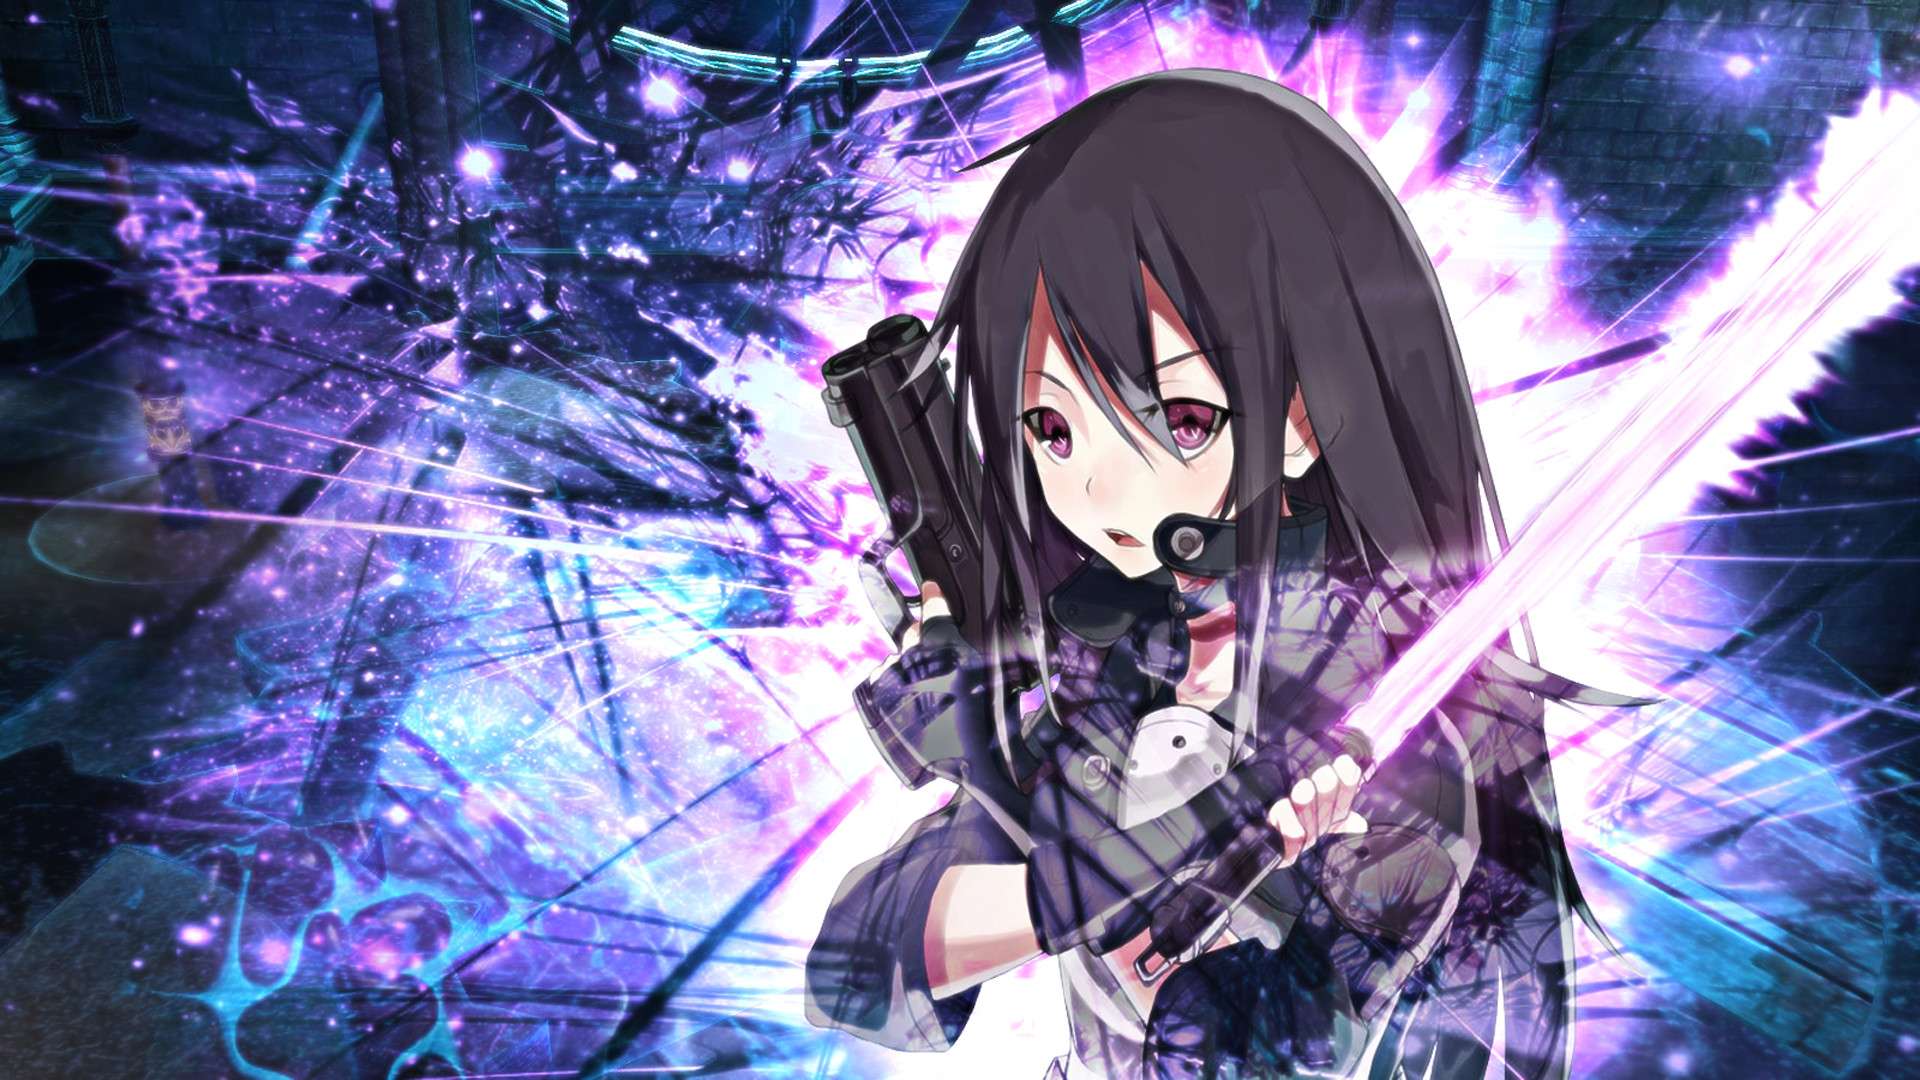 6450196 Sword Art Online II Wallpaper | Download for Free